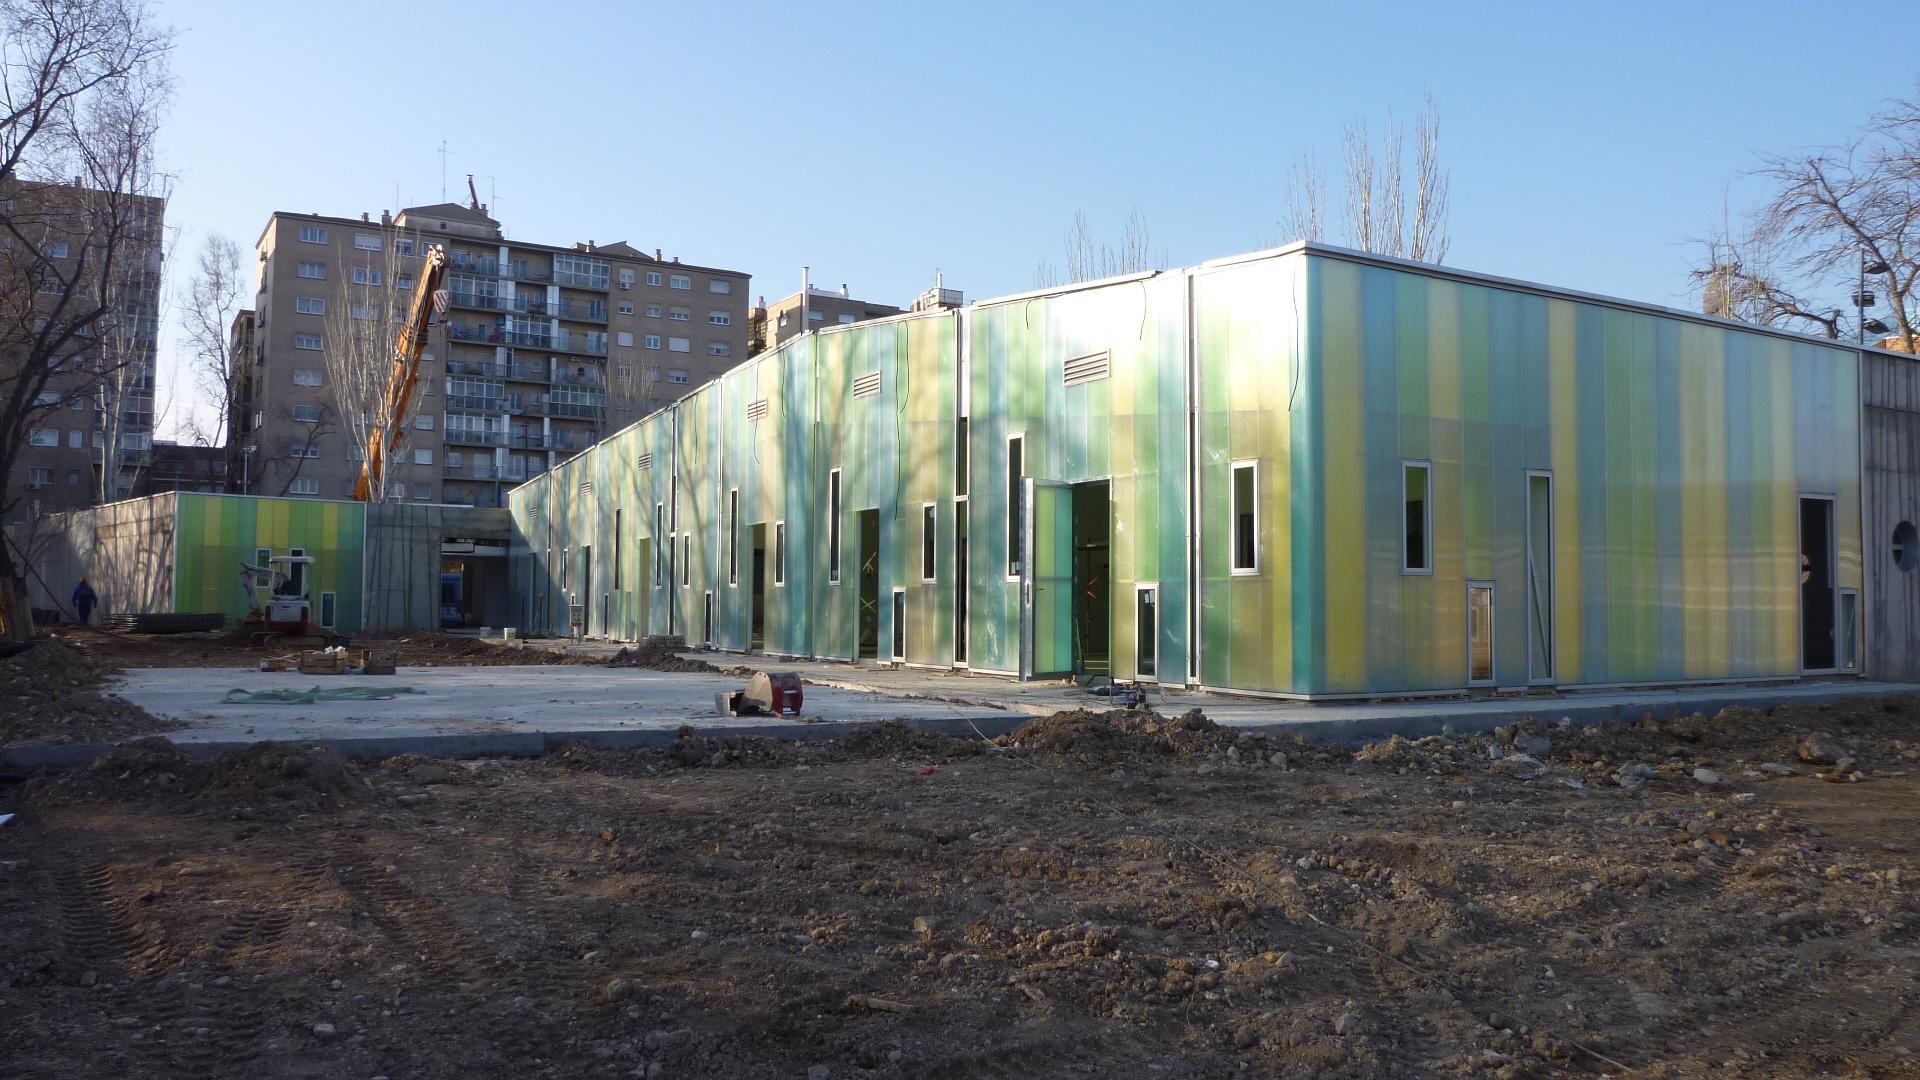 Escuela infantil casco historico zaragoza gr valos di - Arquitectos en zaragoza ...